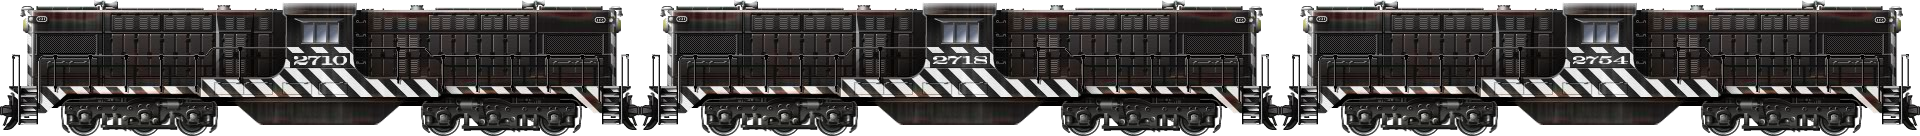 DT-6-6-2000 Triple